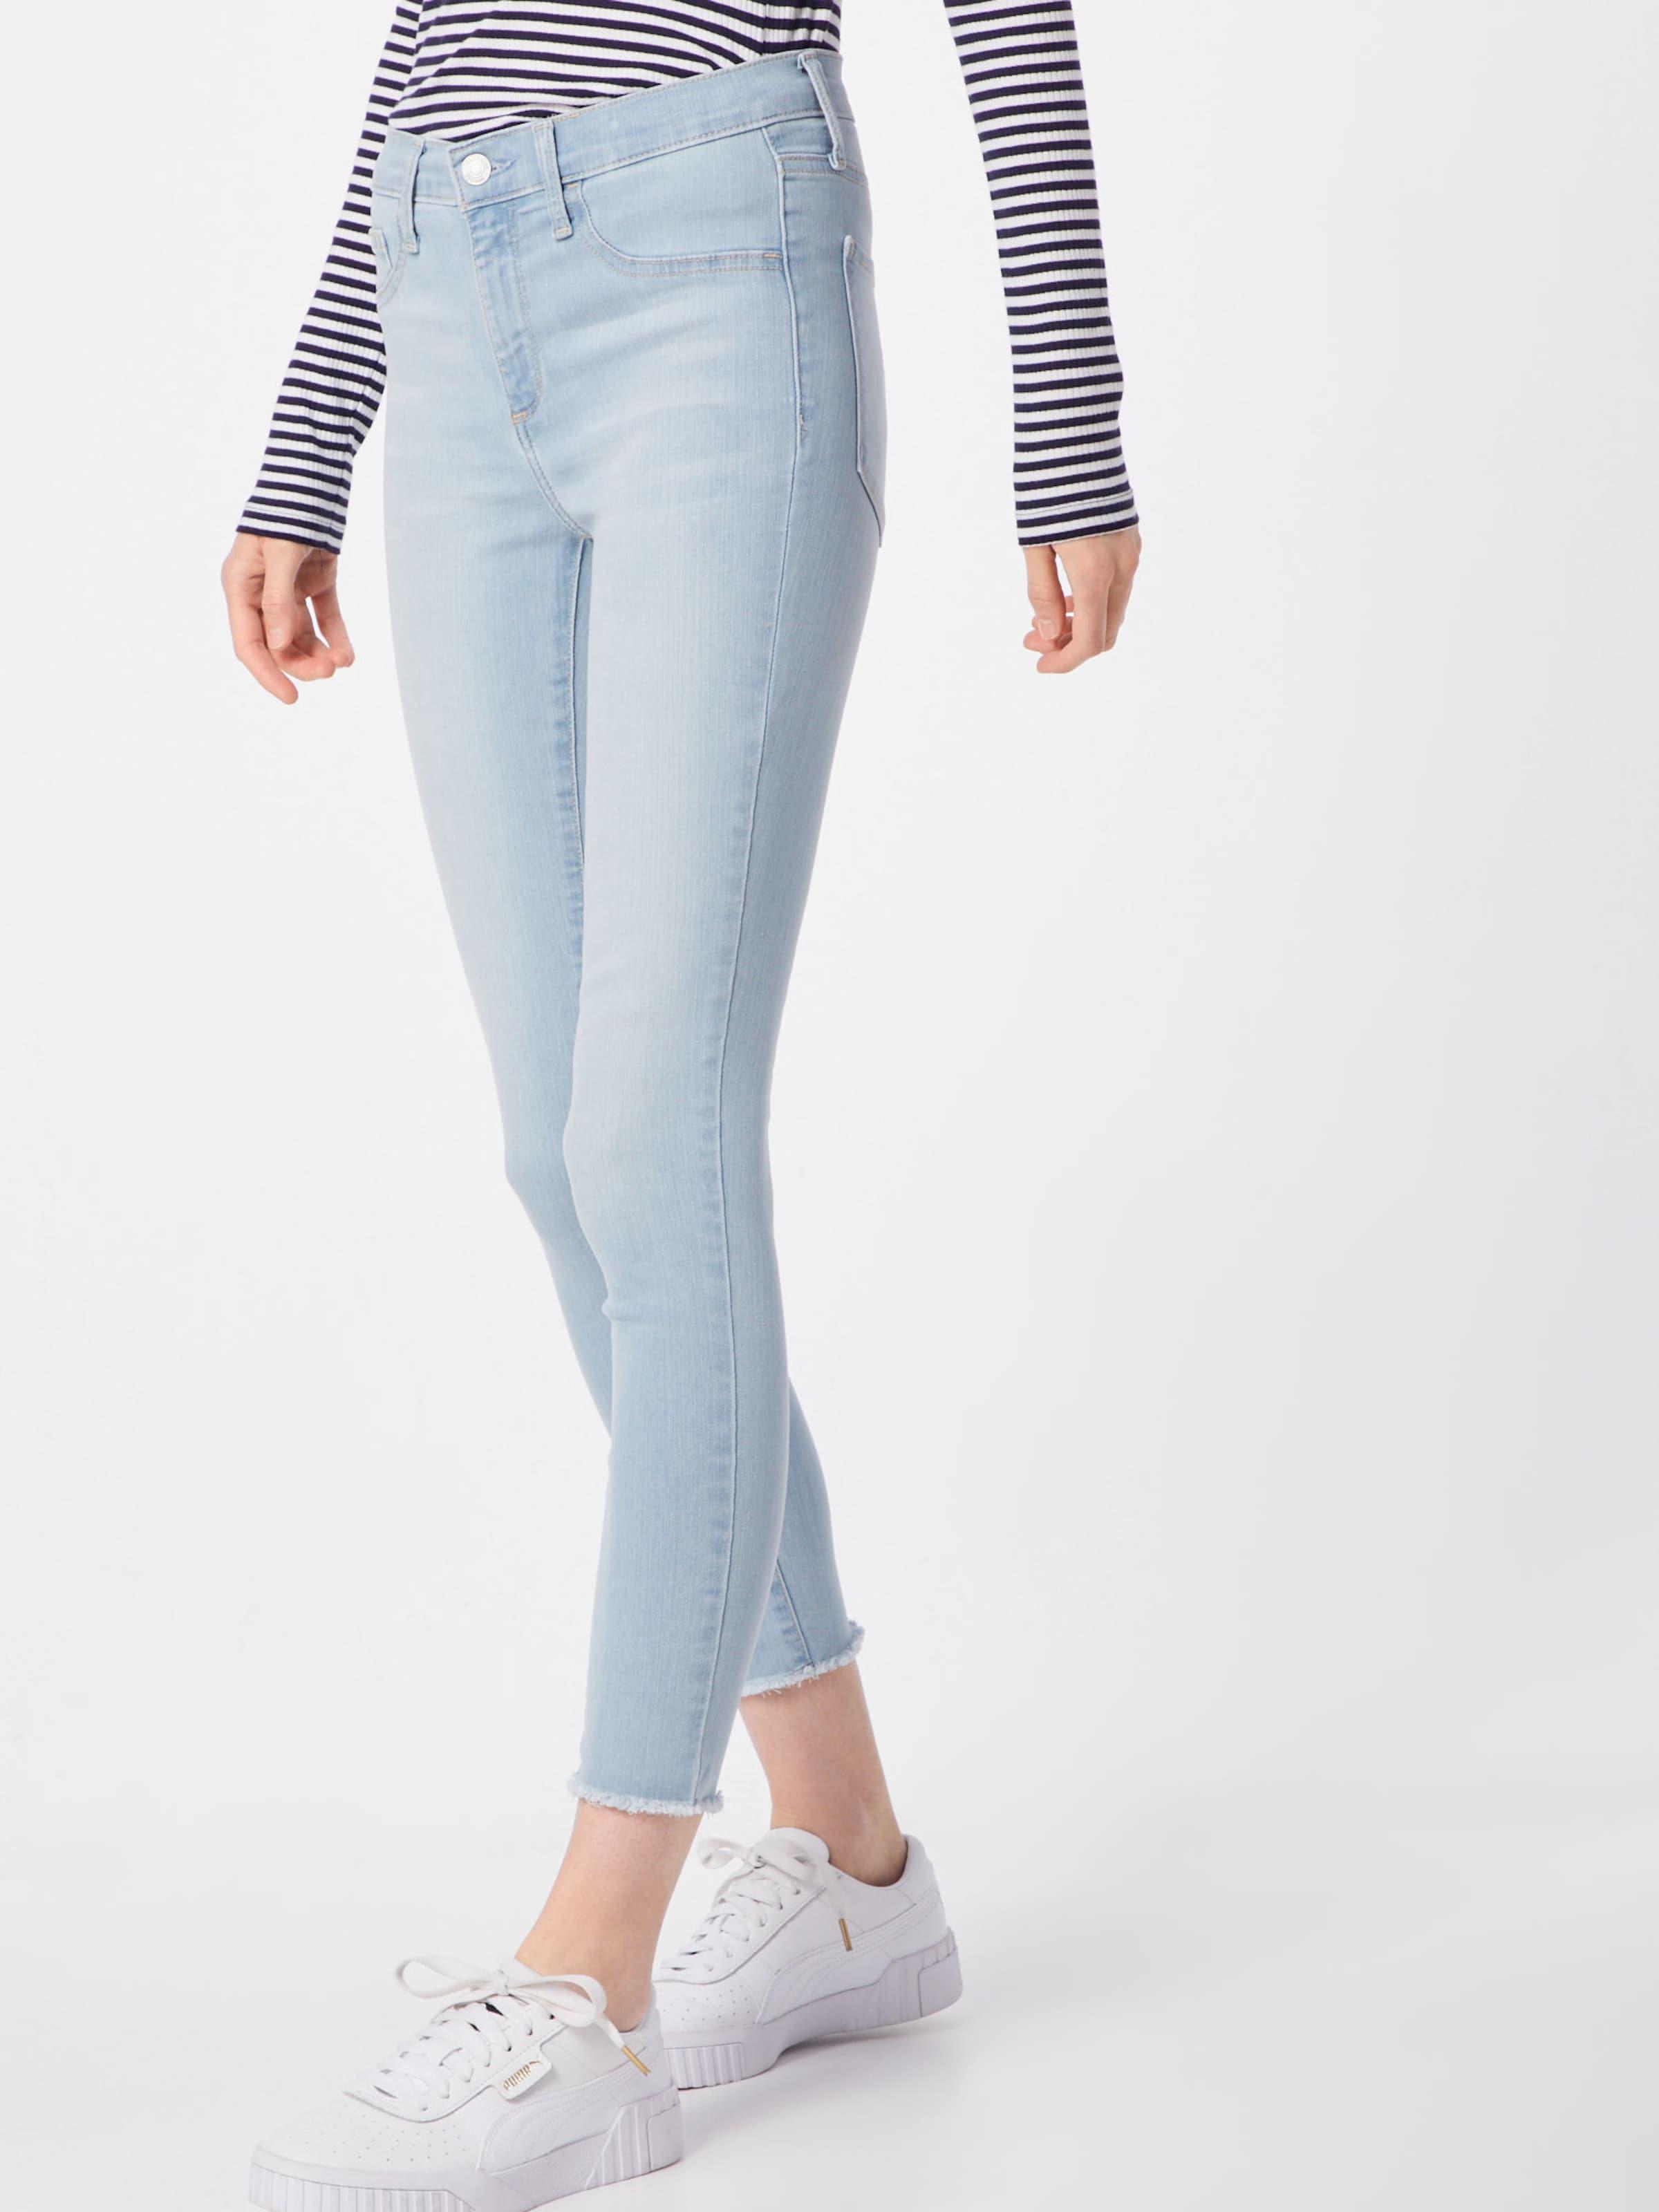 Jeans 'cowboys' Blue DenimHellblau Gap In drxCQBoWe